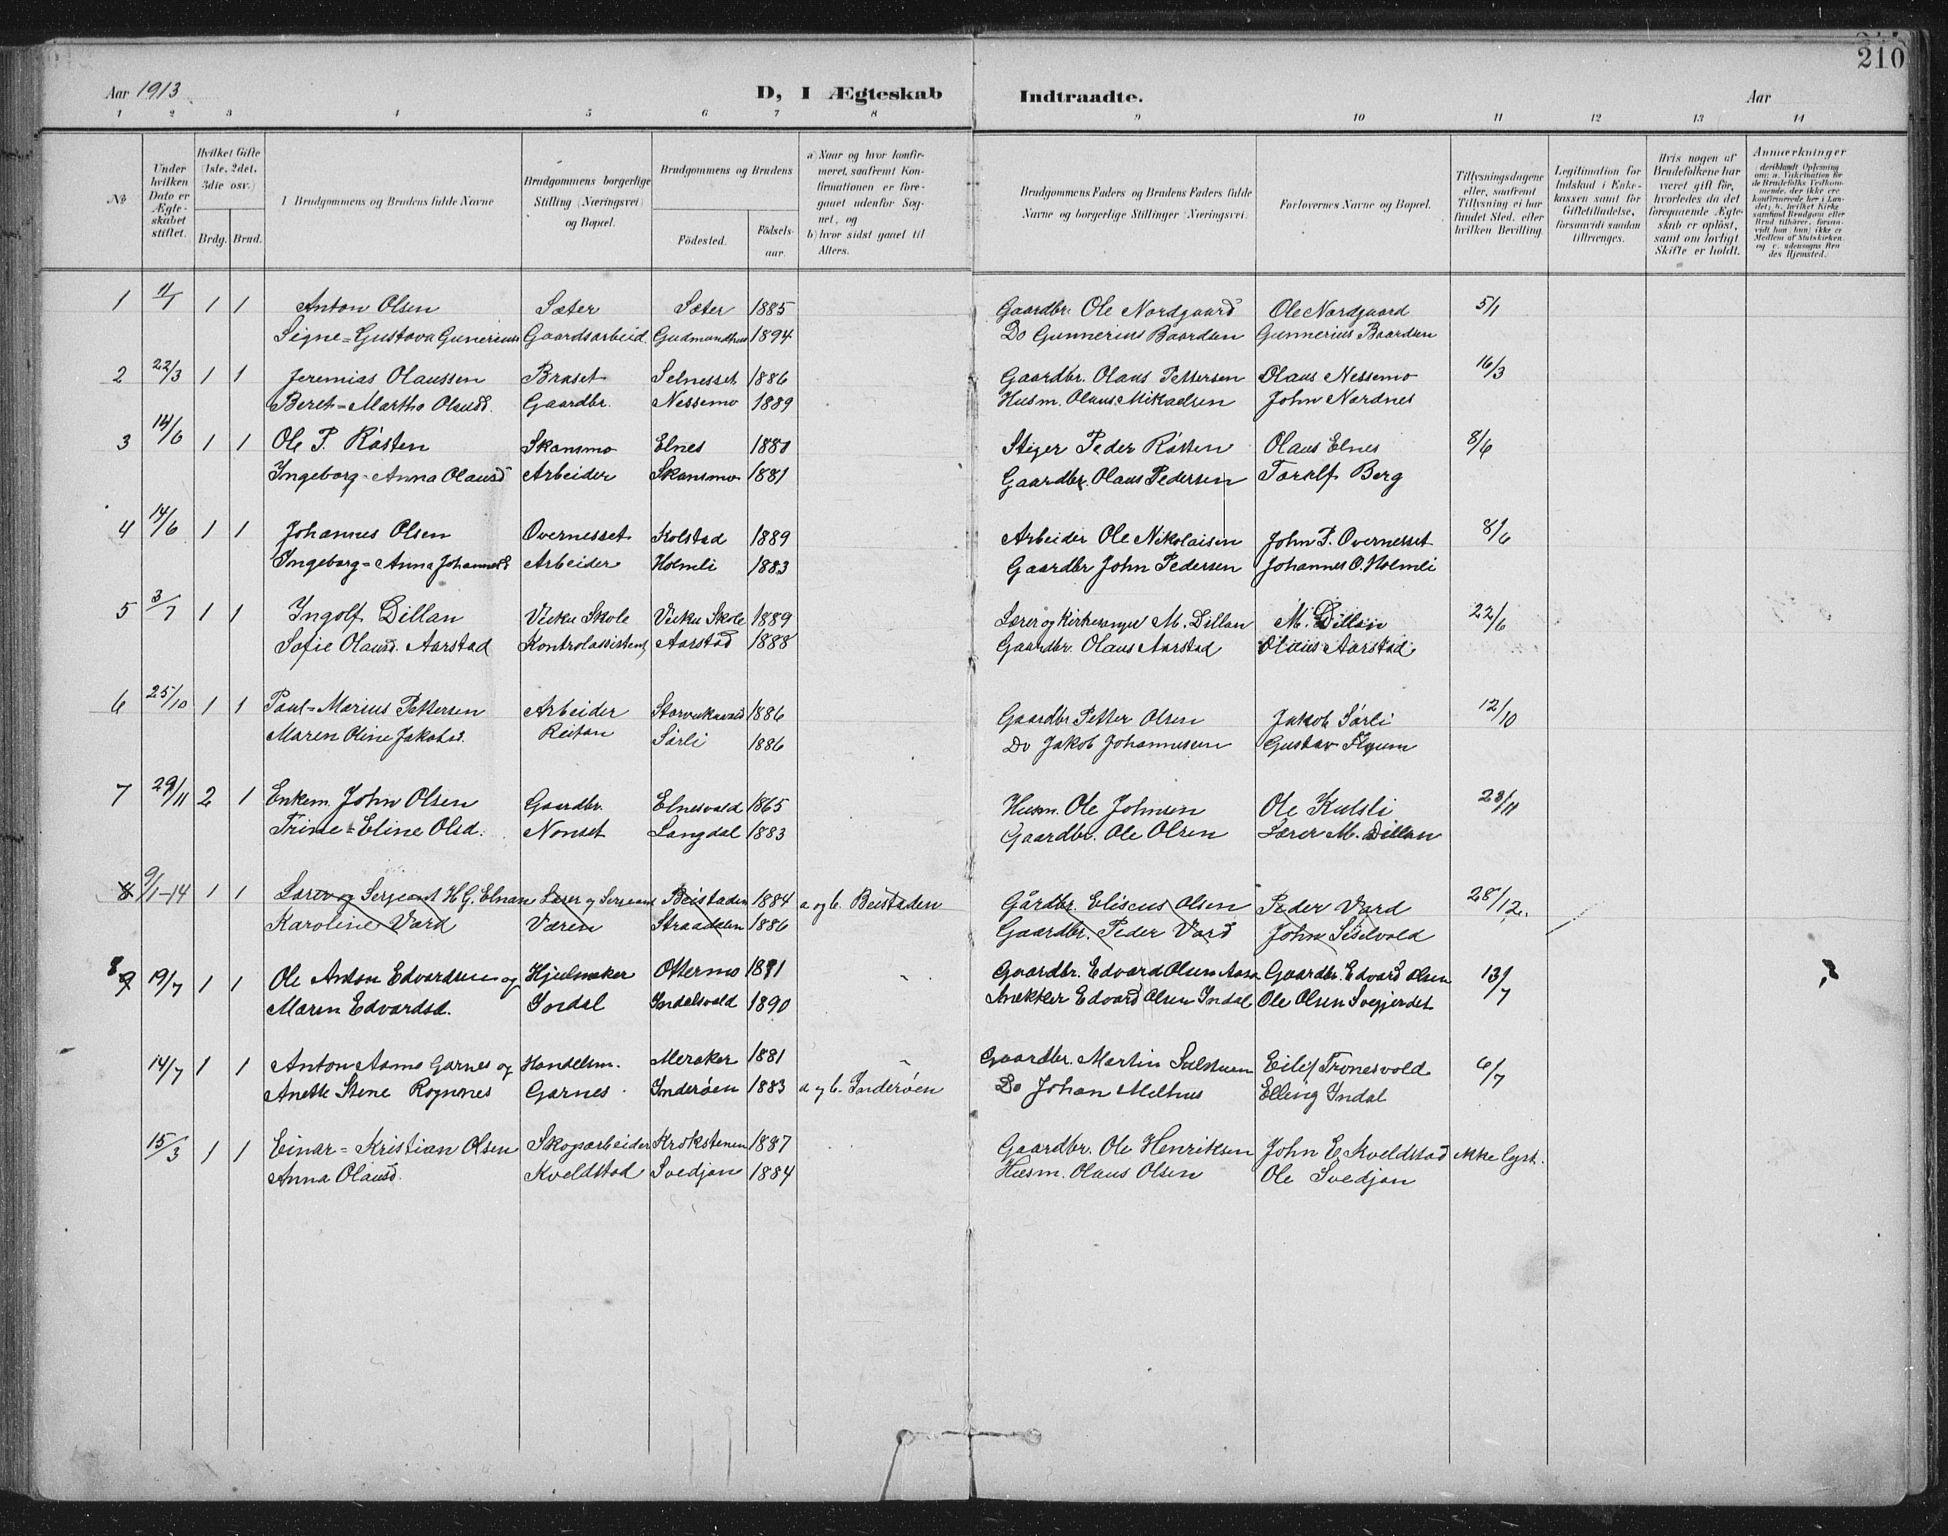 SAT, Ministerialprotokoller, klokkerbøker og fødselsregistre - Nord-Trøndelag, 724/L0269: Klokkerbok nr. 724C05, 1899-1920, s. 210